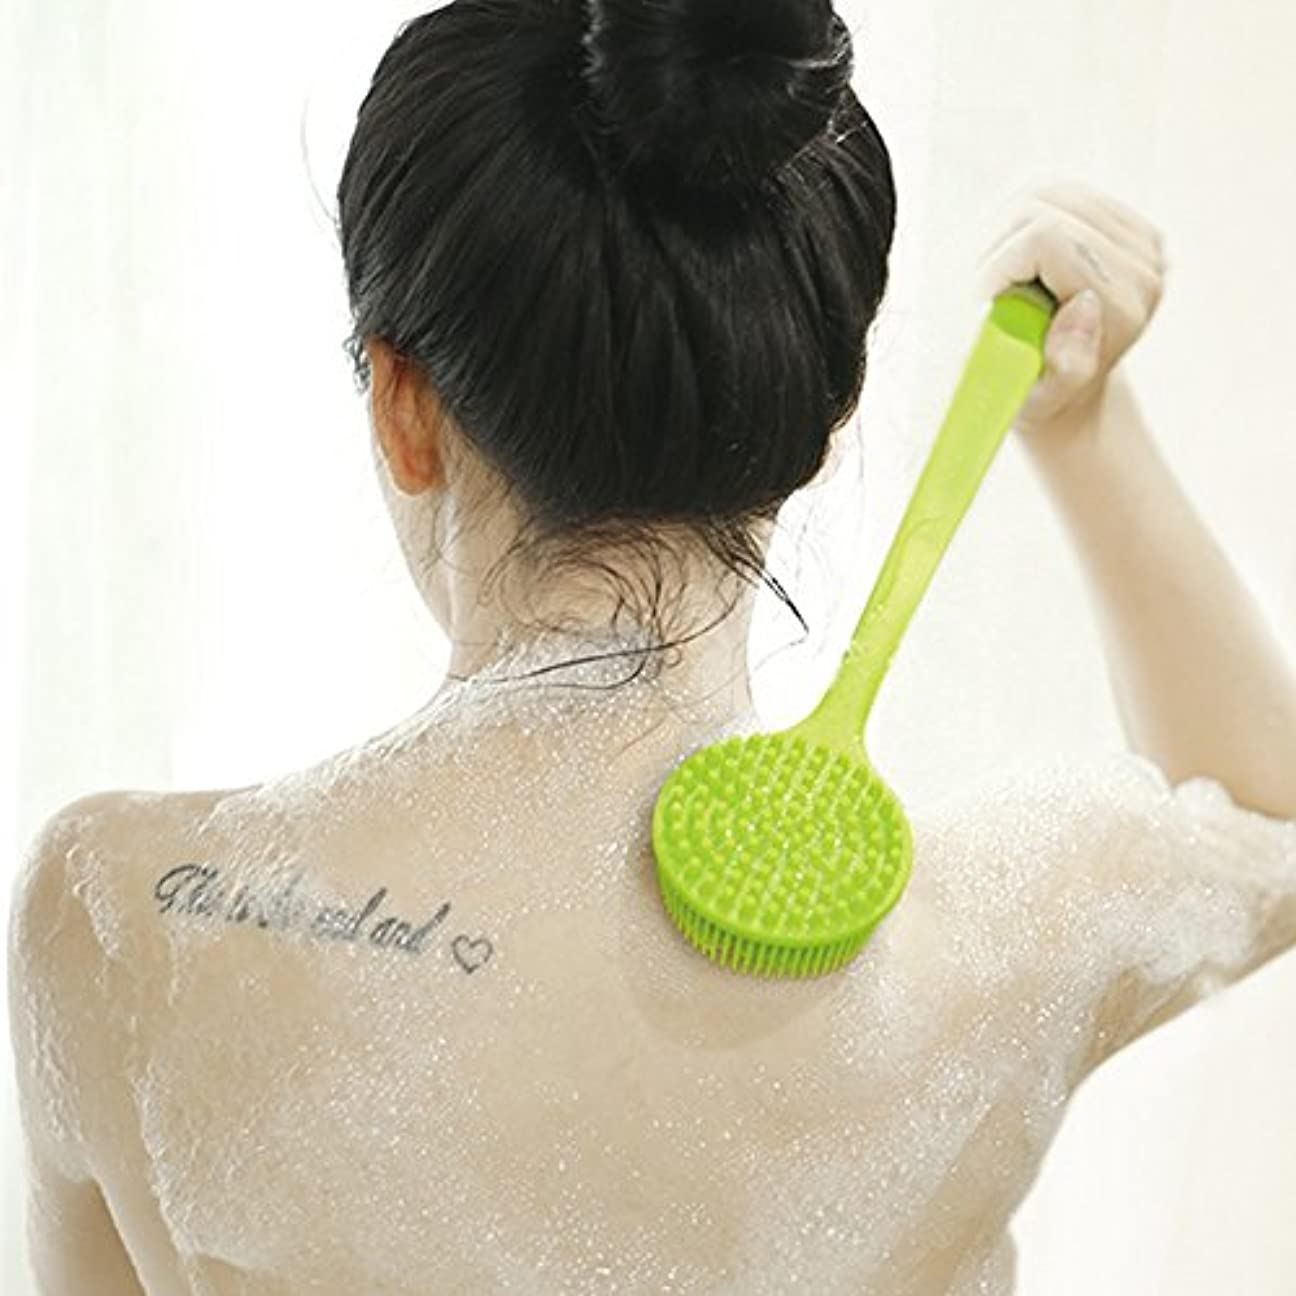 冬永久サーキュレーションボディブラシ シャワーブラシ お風呂用 シリコン製 体洗い マッサージブラシ 毛穴洗浄 角質除去 多機能 柔らかい